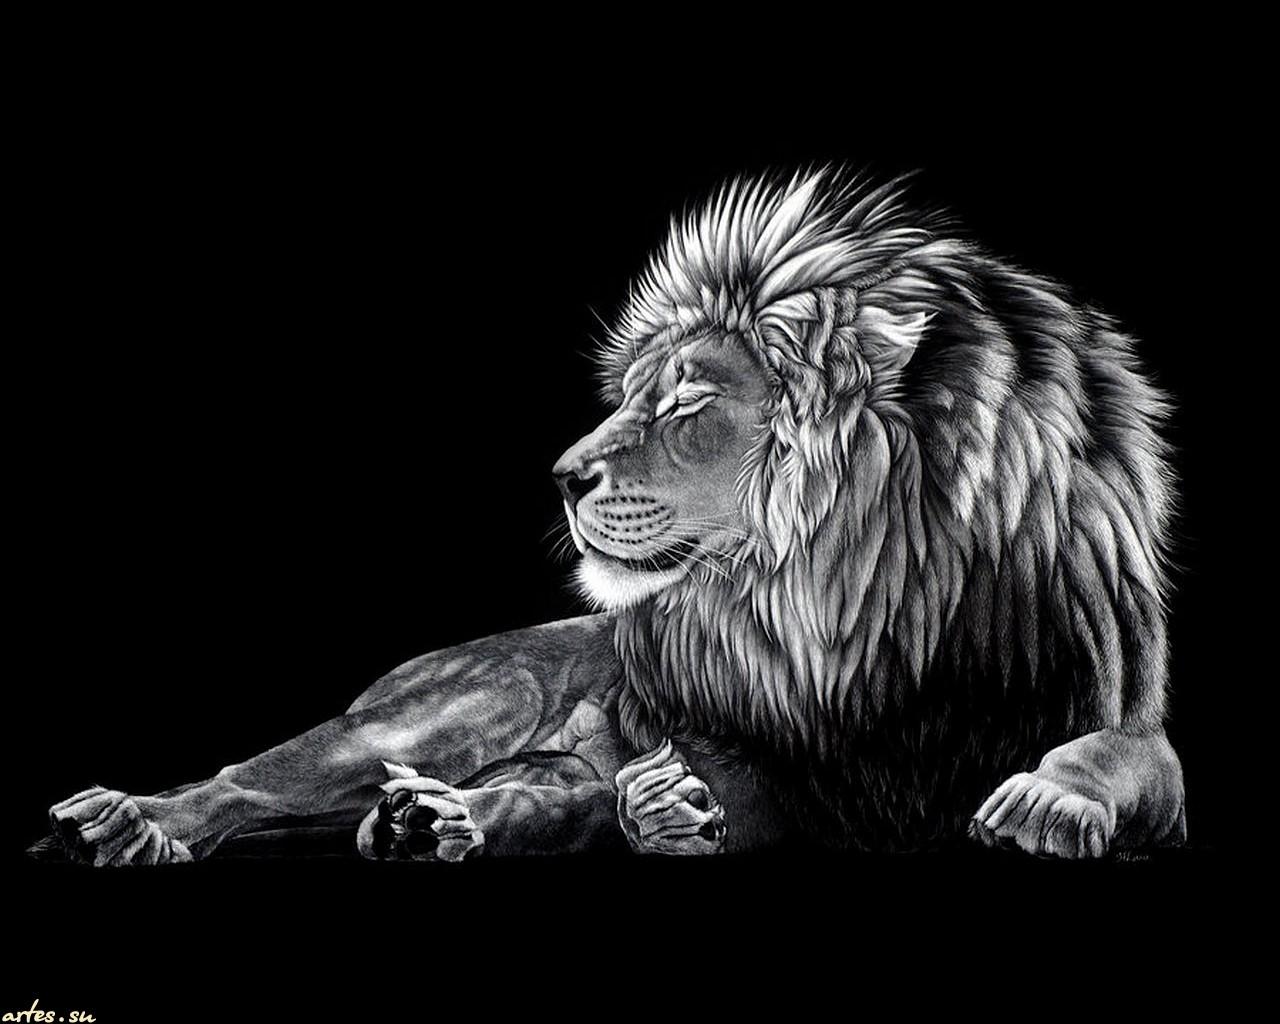 Lion Black Theme Wallpaper